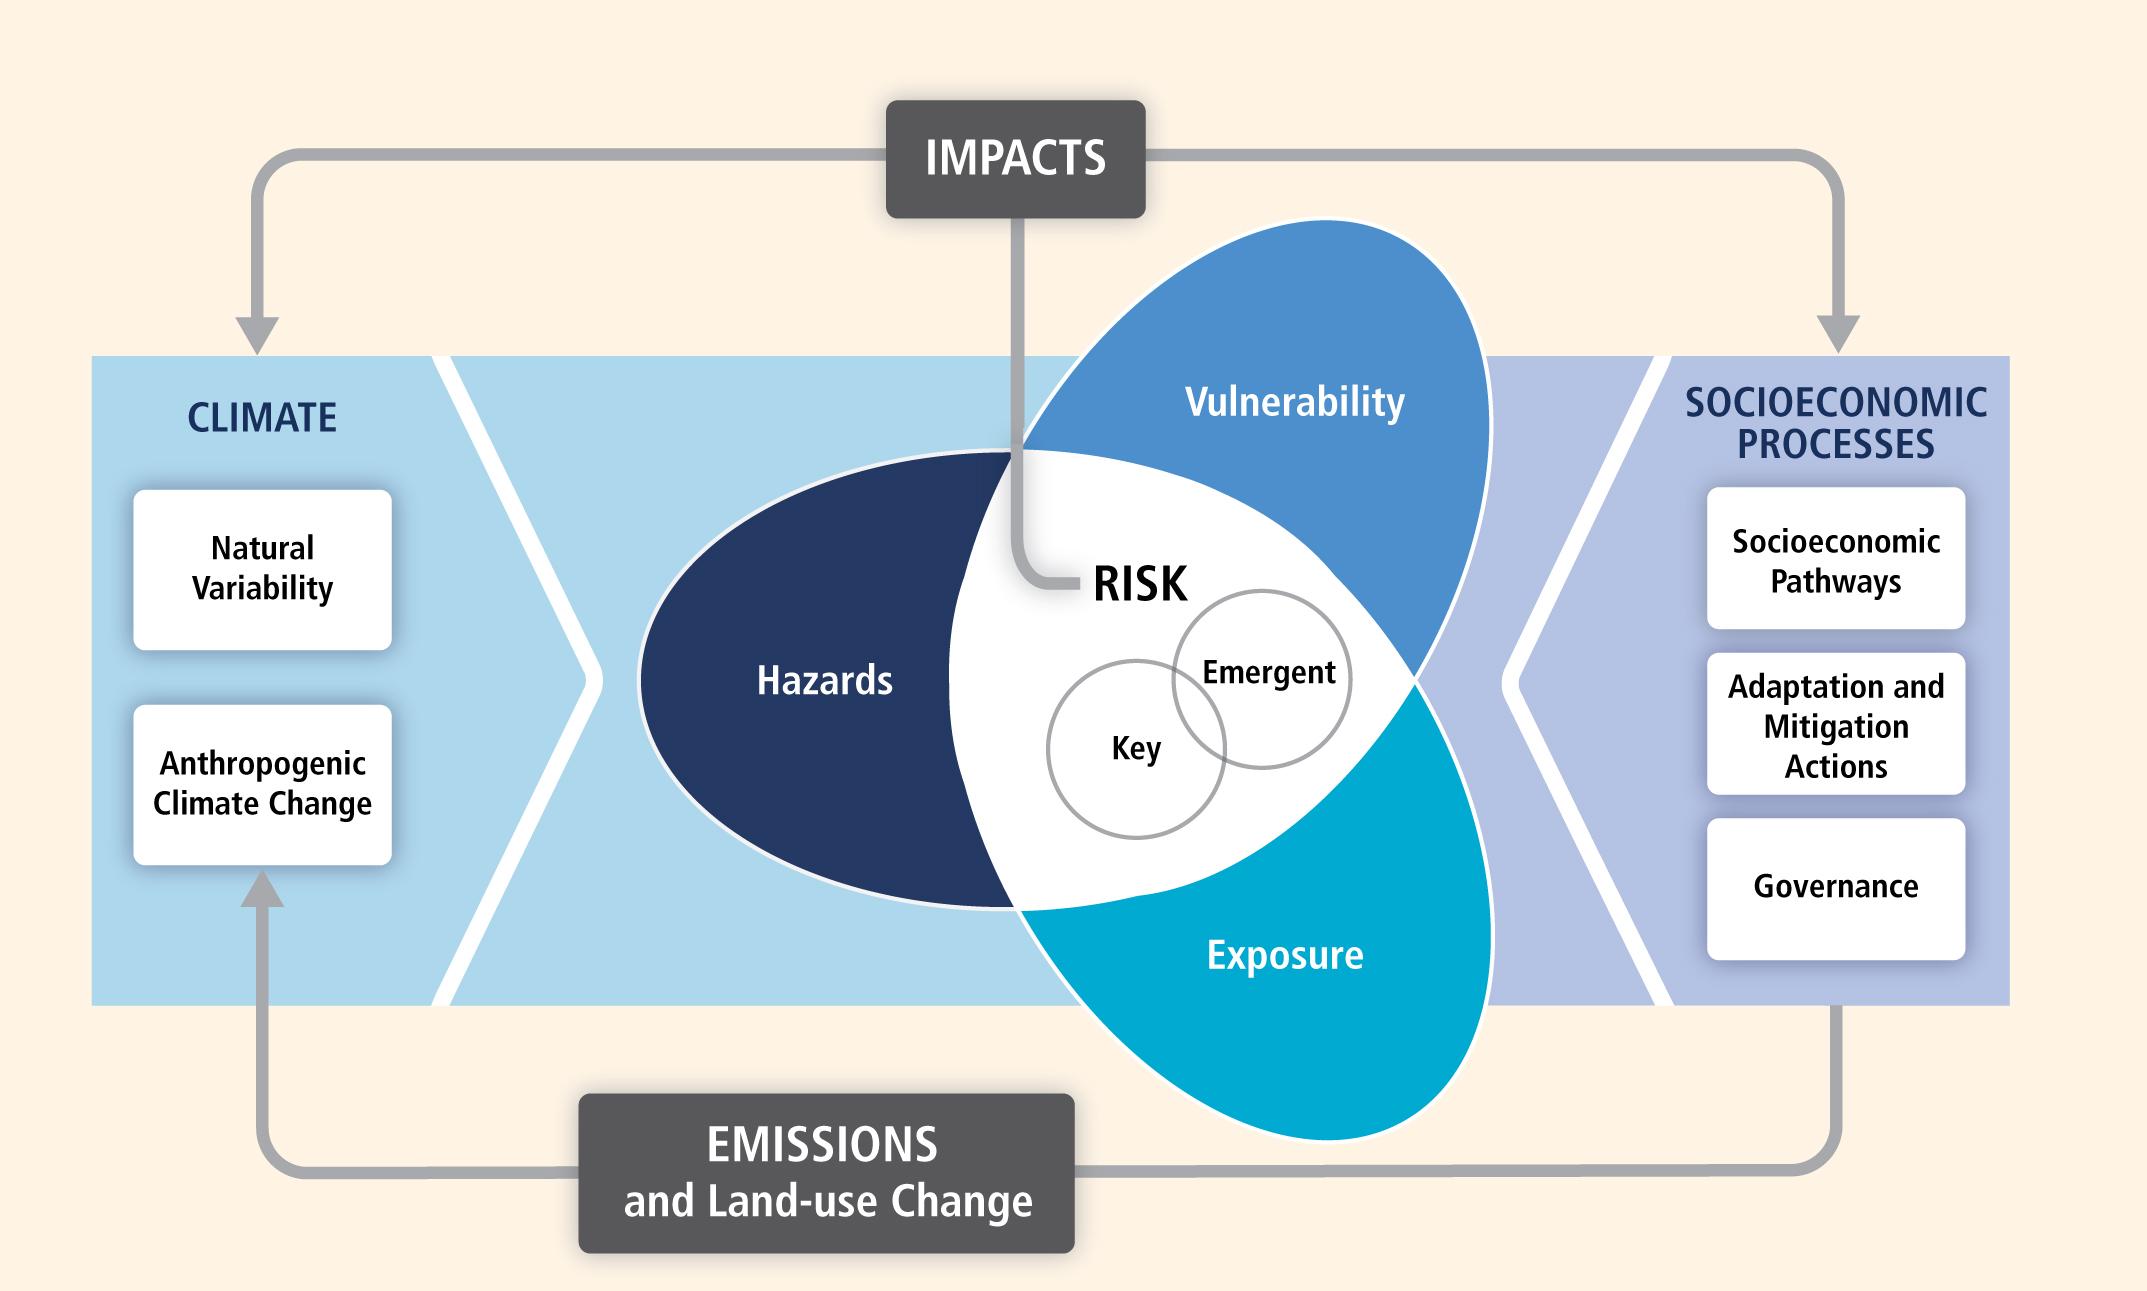 Figures/risk_vulnerability.jpg